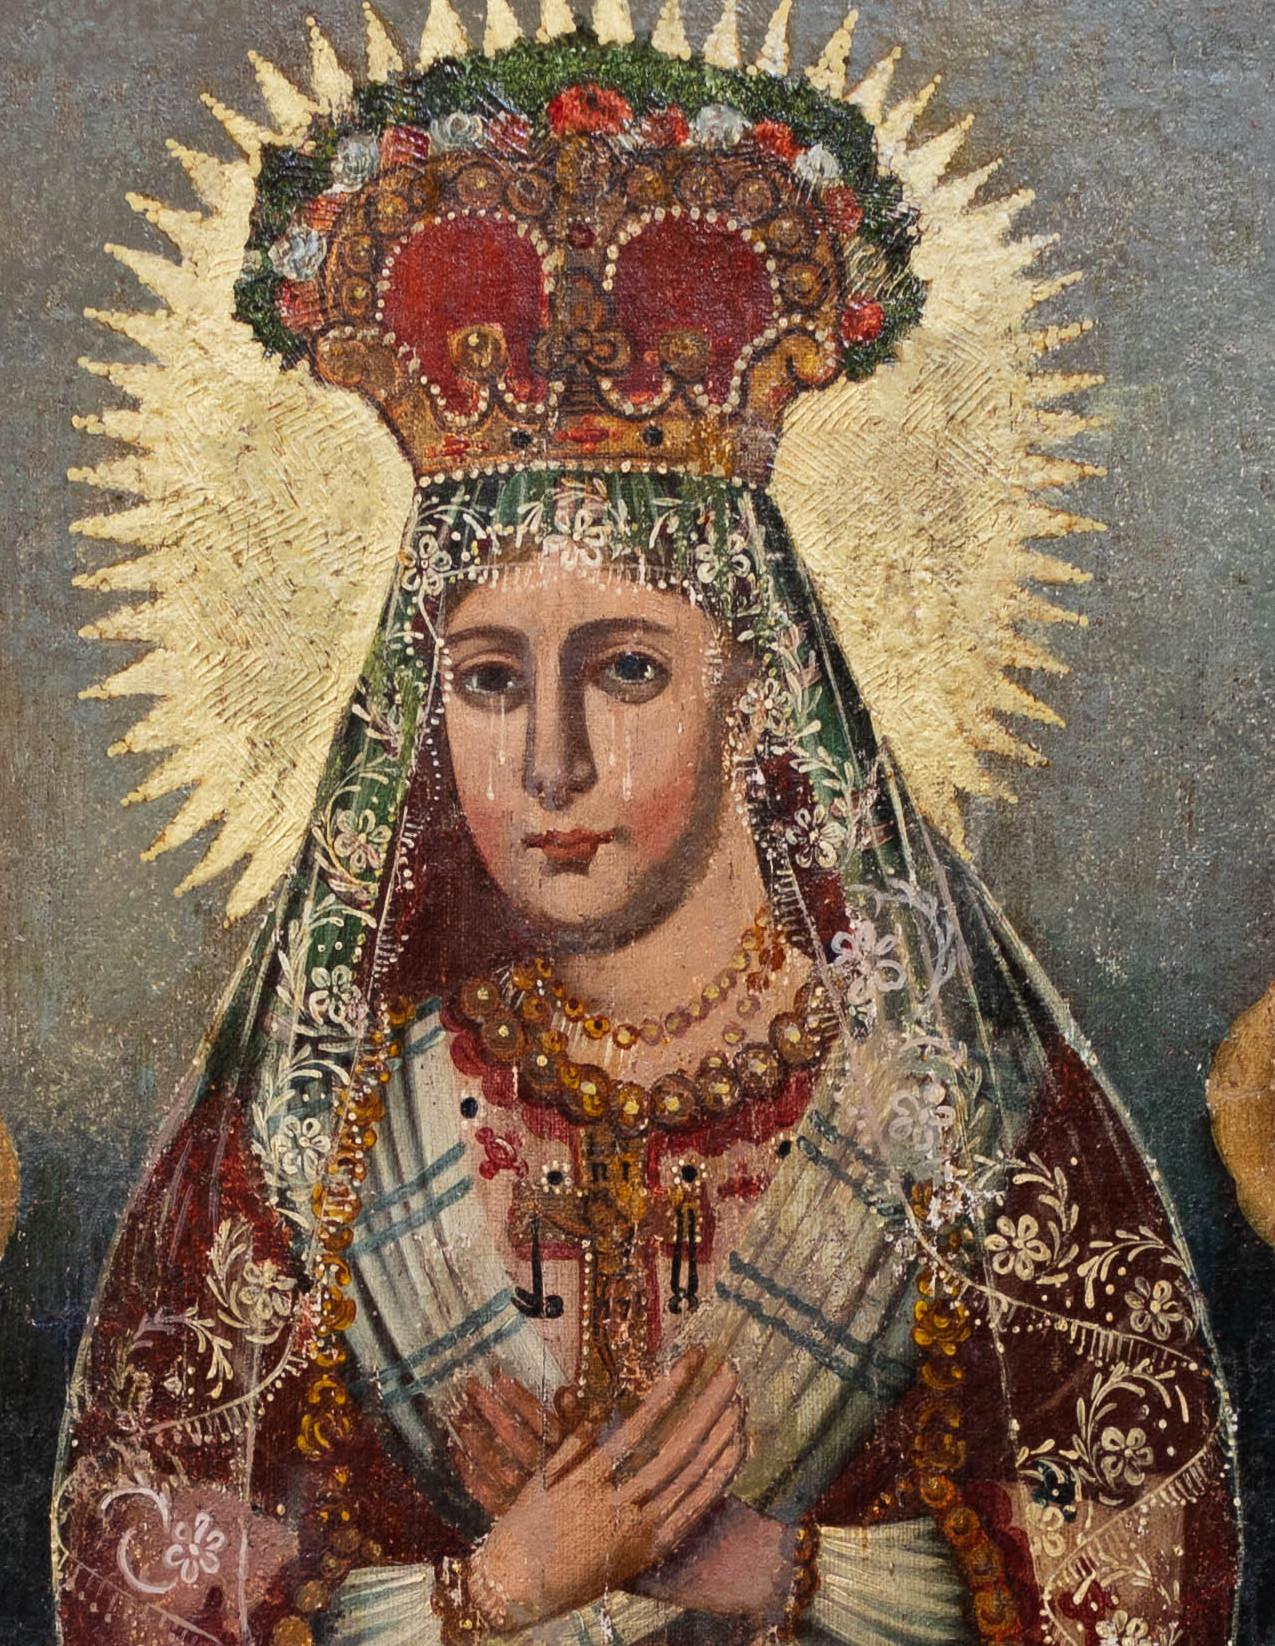 """Warsztat Chrząstkiewiczów, """"Matka Boska Saletyńska"""", fragment, źródło: archiwum autora"""